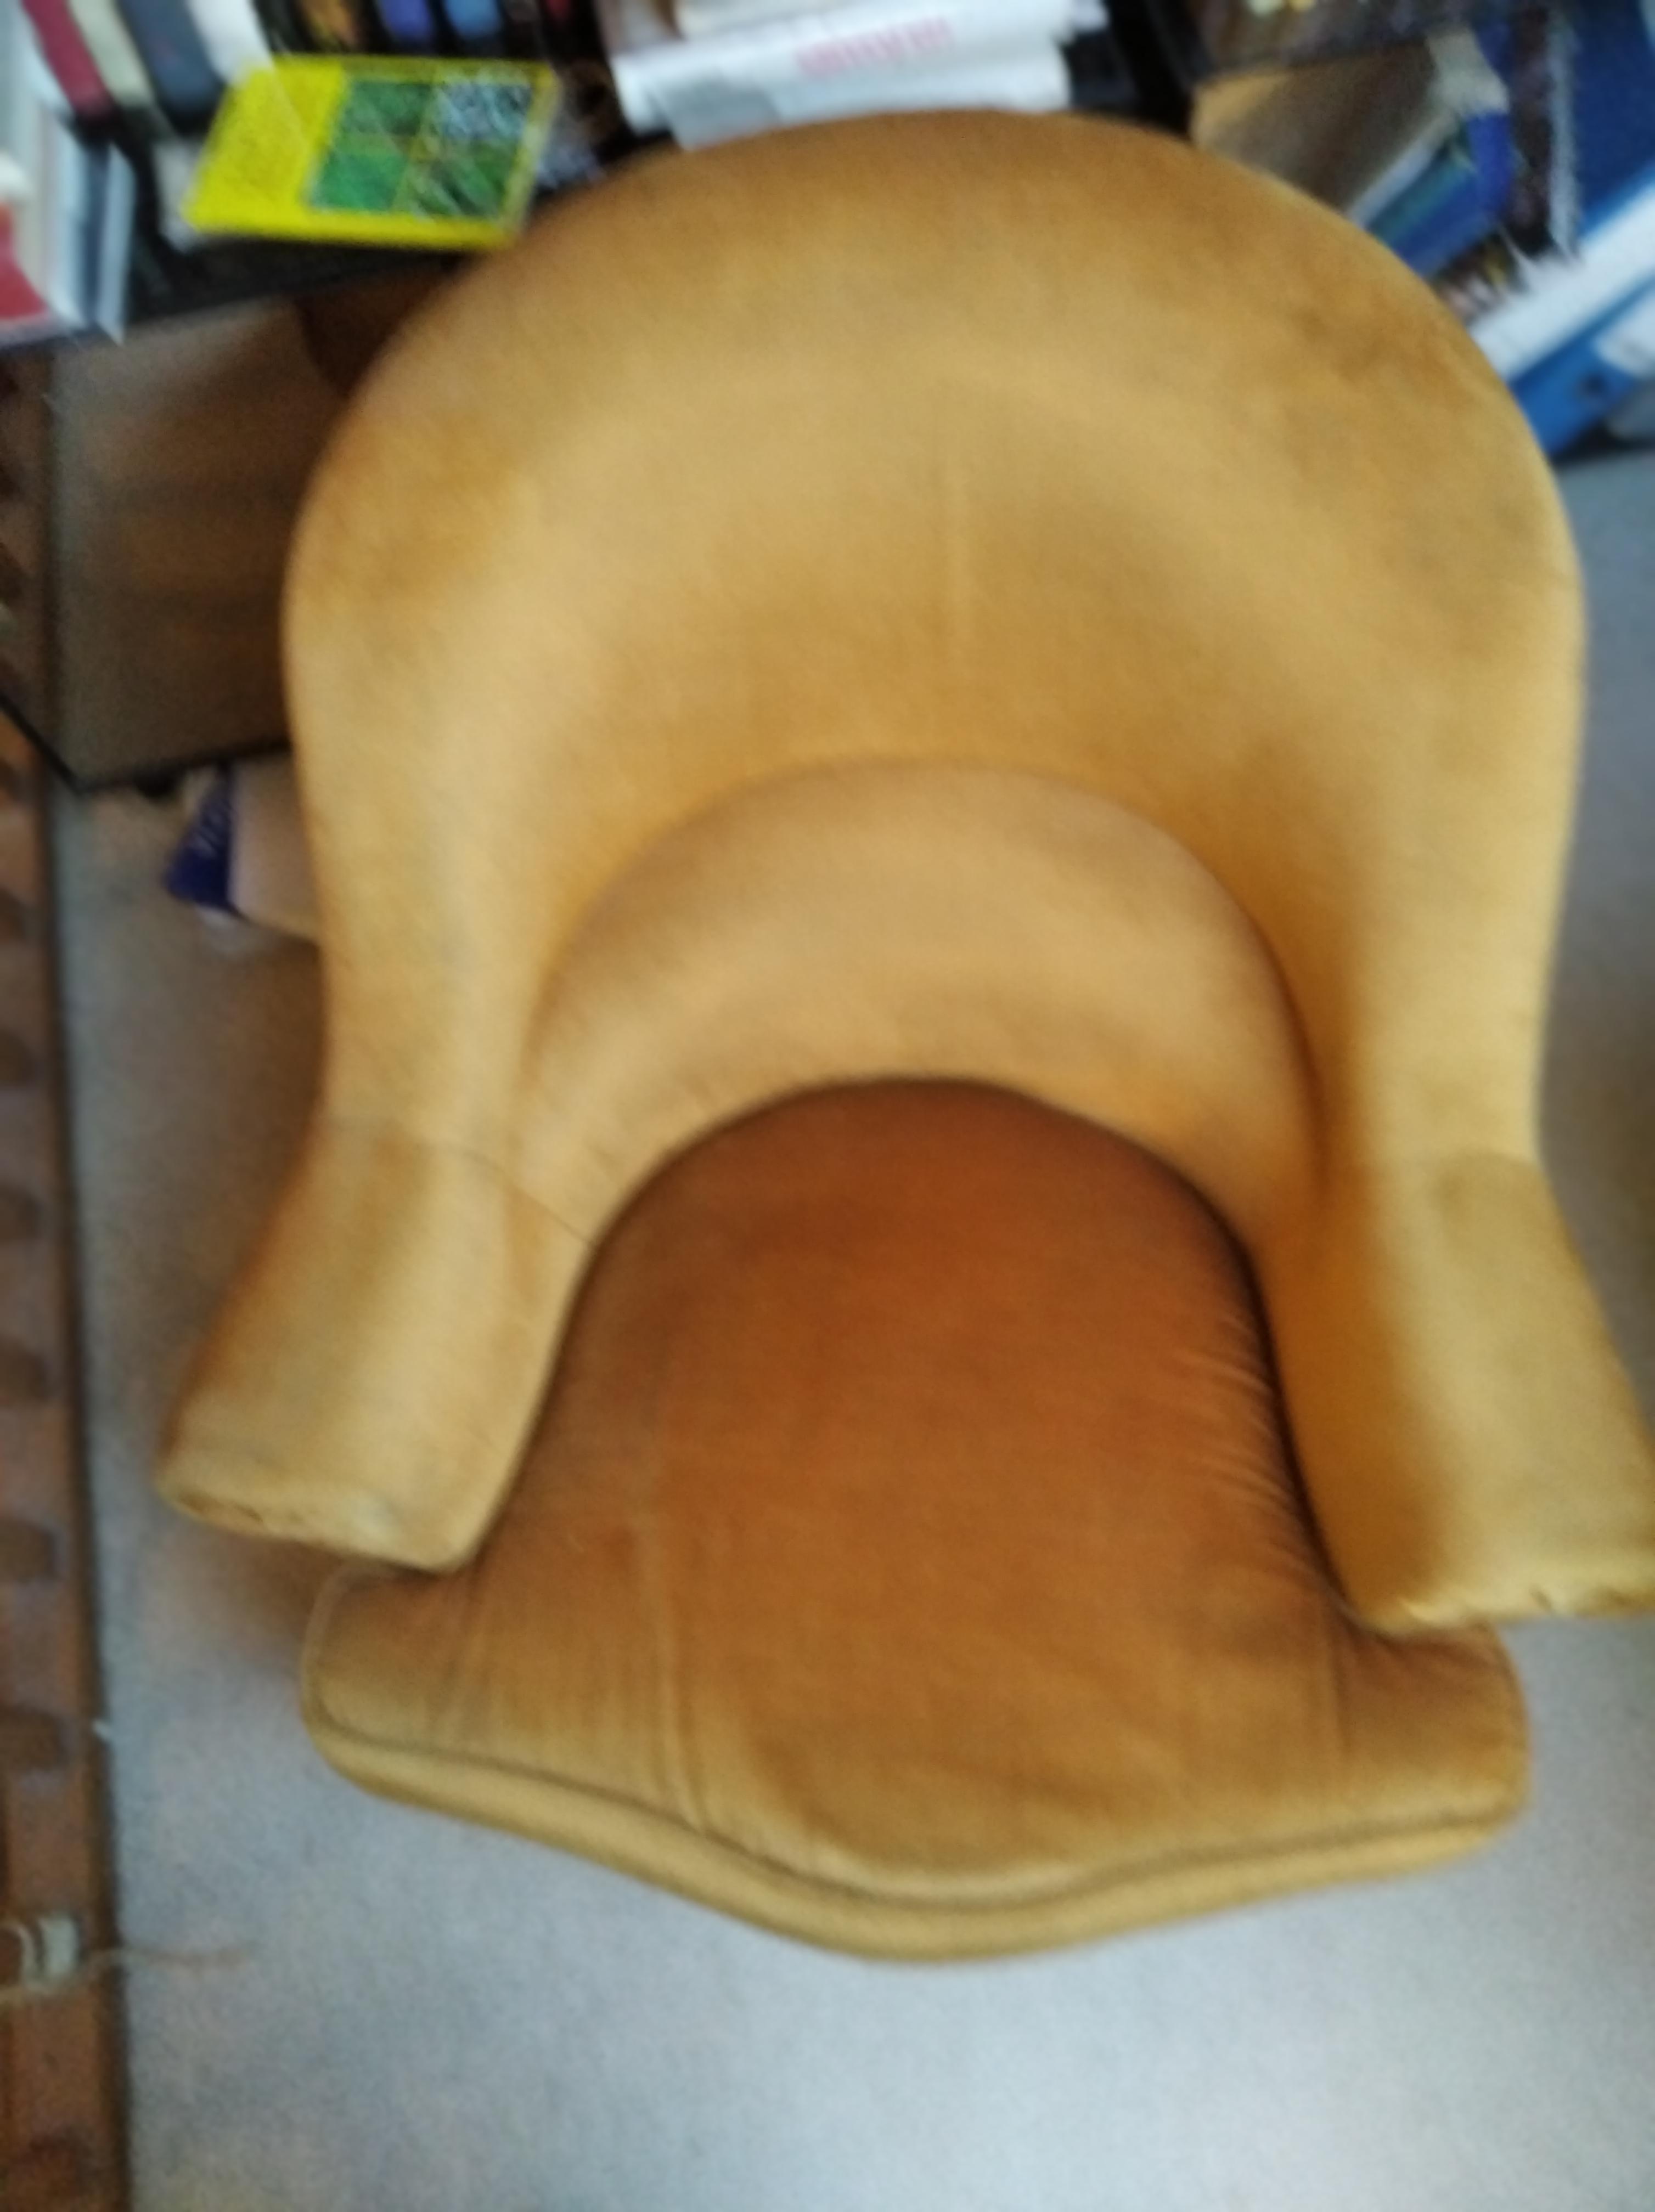 troc de troc 2 fauteuils image 1